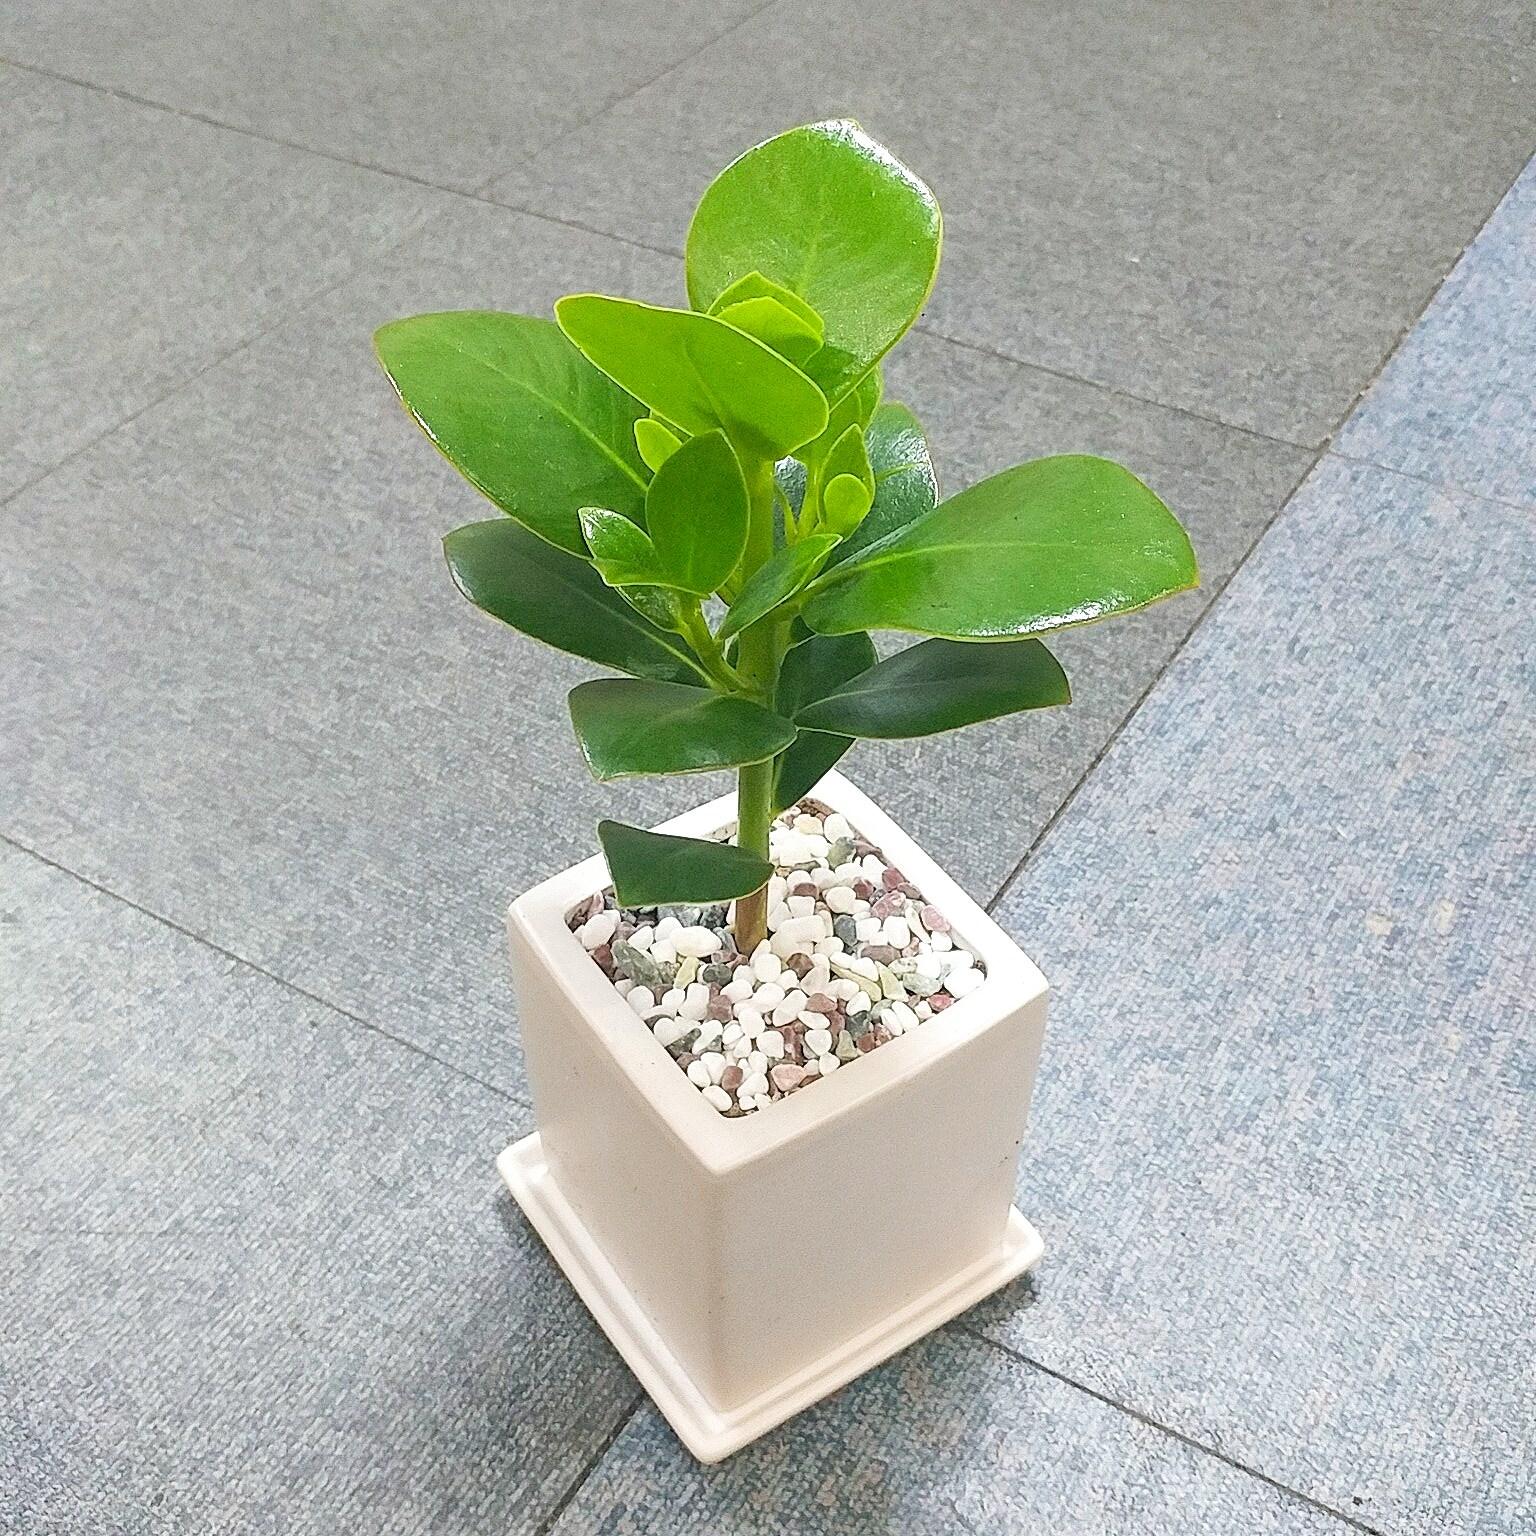 꽃피우는청년 키우기 쉬운 실내공기정화식물 사각 화이트 화분 (무광), 1개, 크루시아